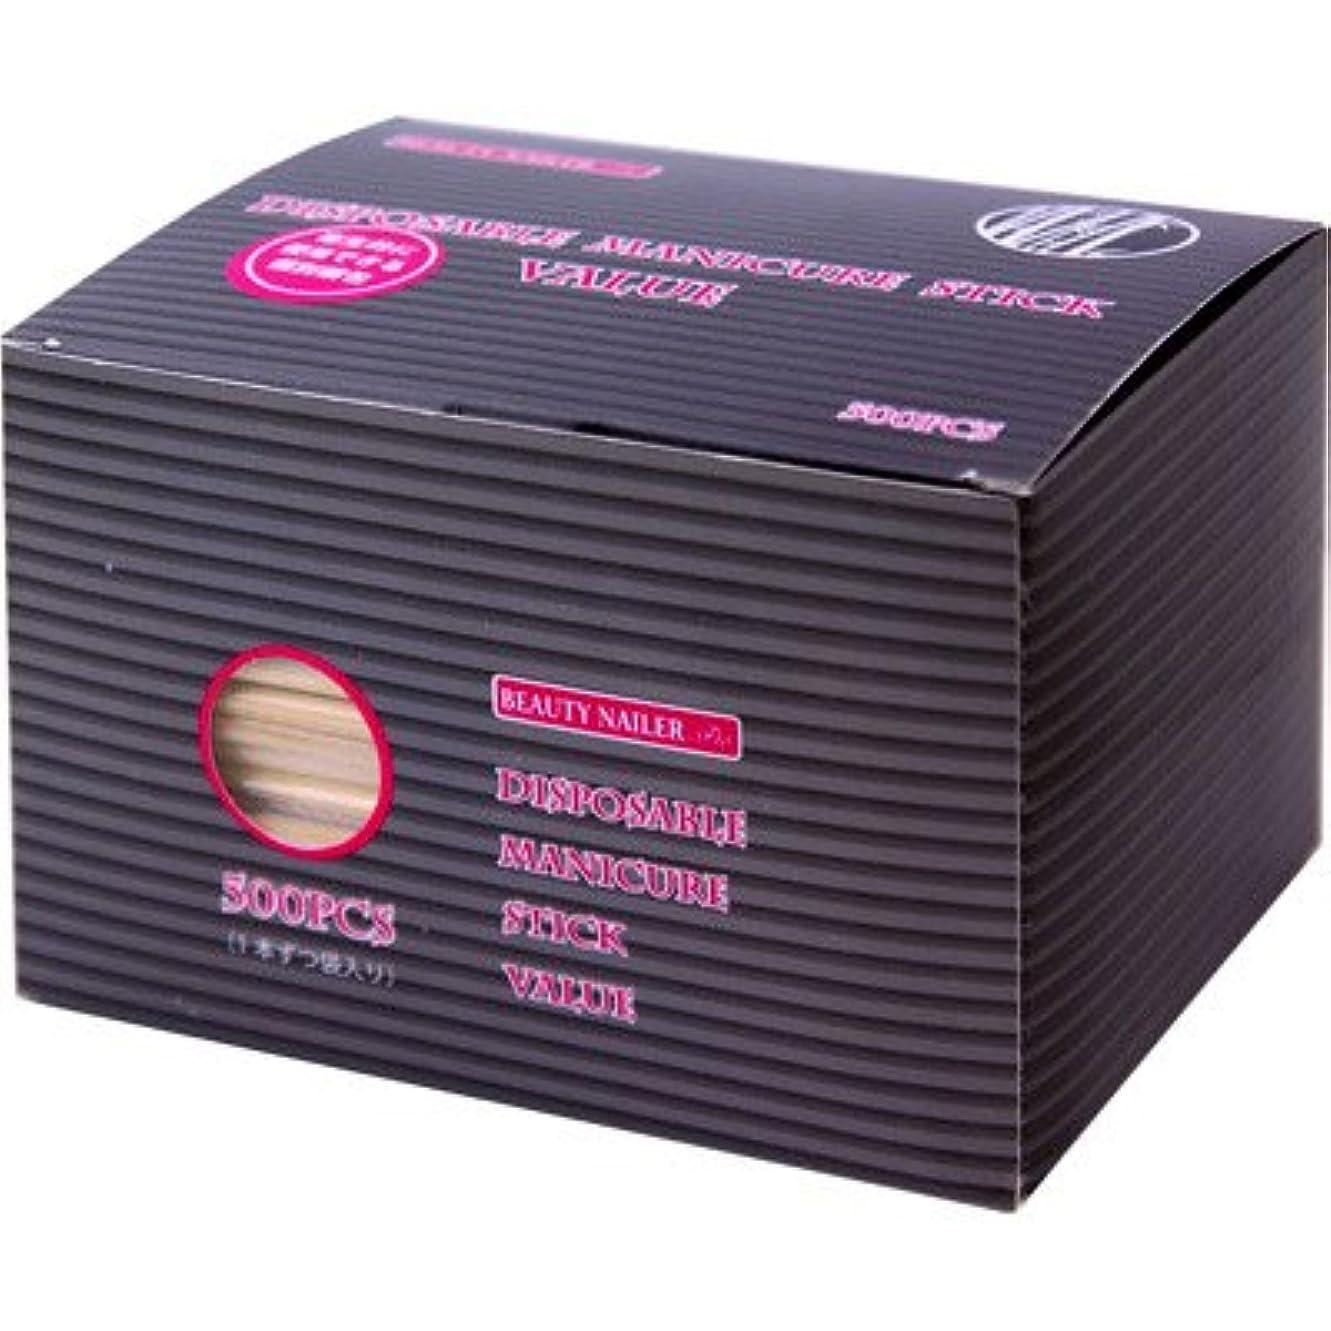 枠くつろぎ年齢ビューティーネイラー ディスポーザブルマニキュアステック 500本入り DMS-2